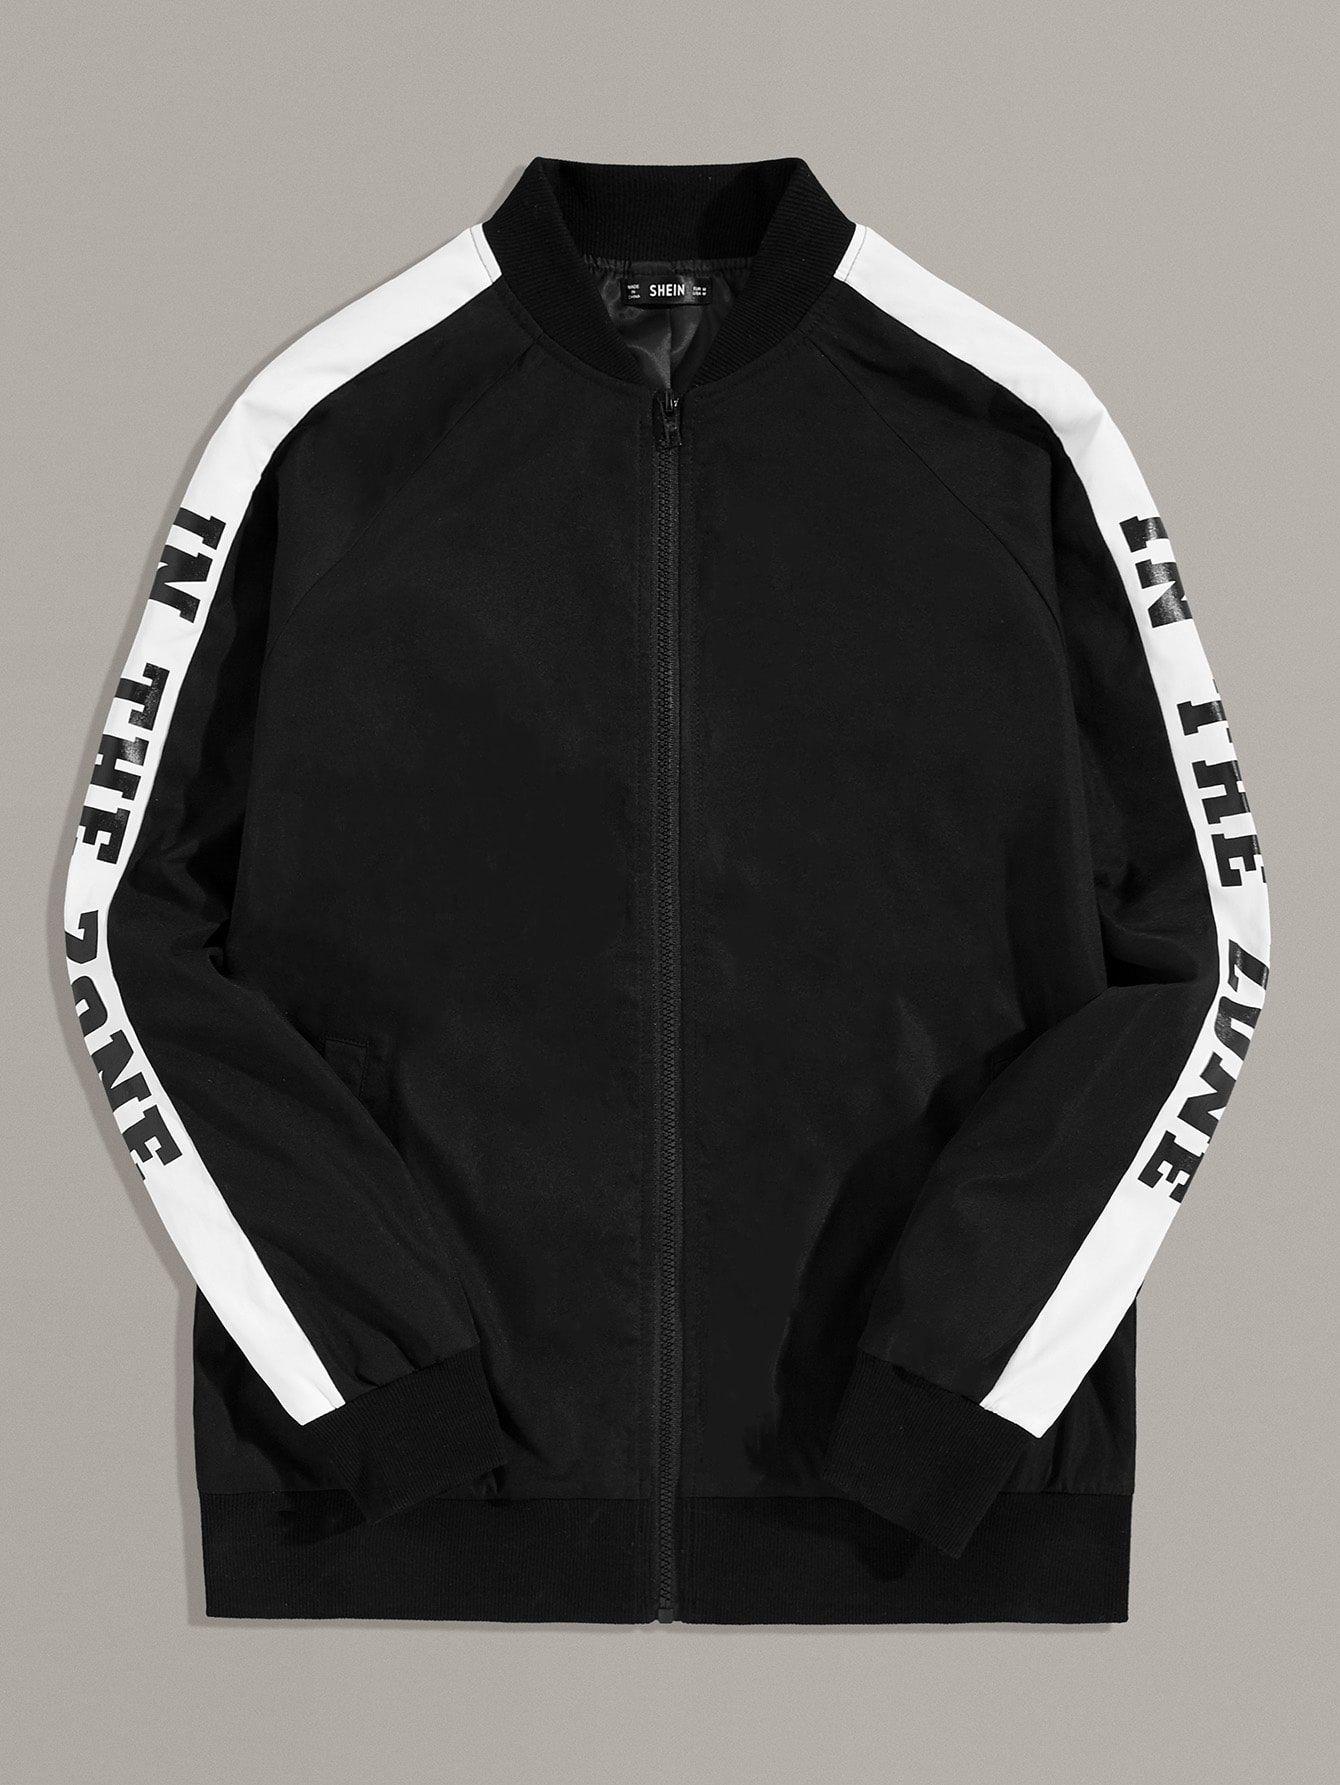 Men Zip Up Slogan Graphic Sleeve Bomber Jacket Sponsored Ad Slogan Zip Men Jackets Bomber Jacket Zip Ups [ 1785 x 1340 Pixel ]